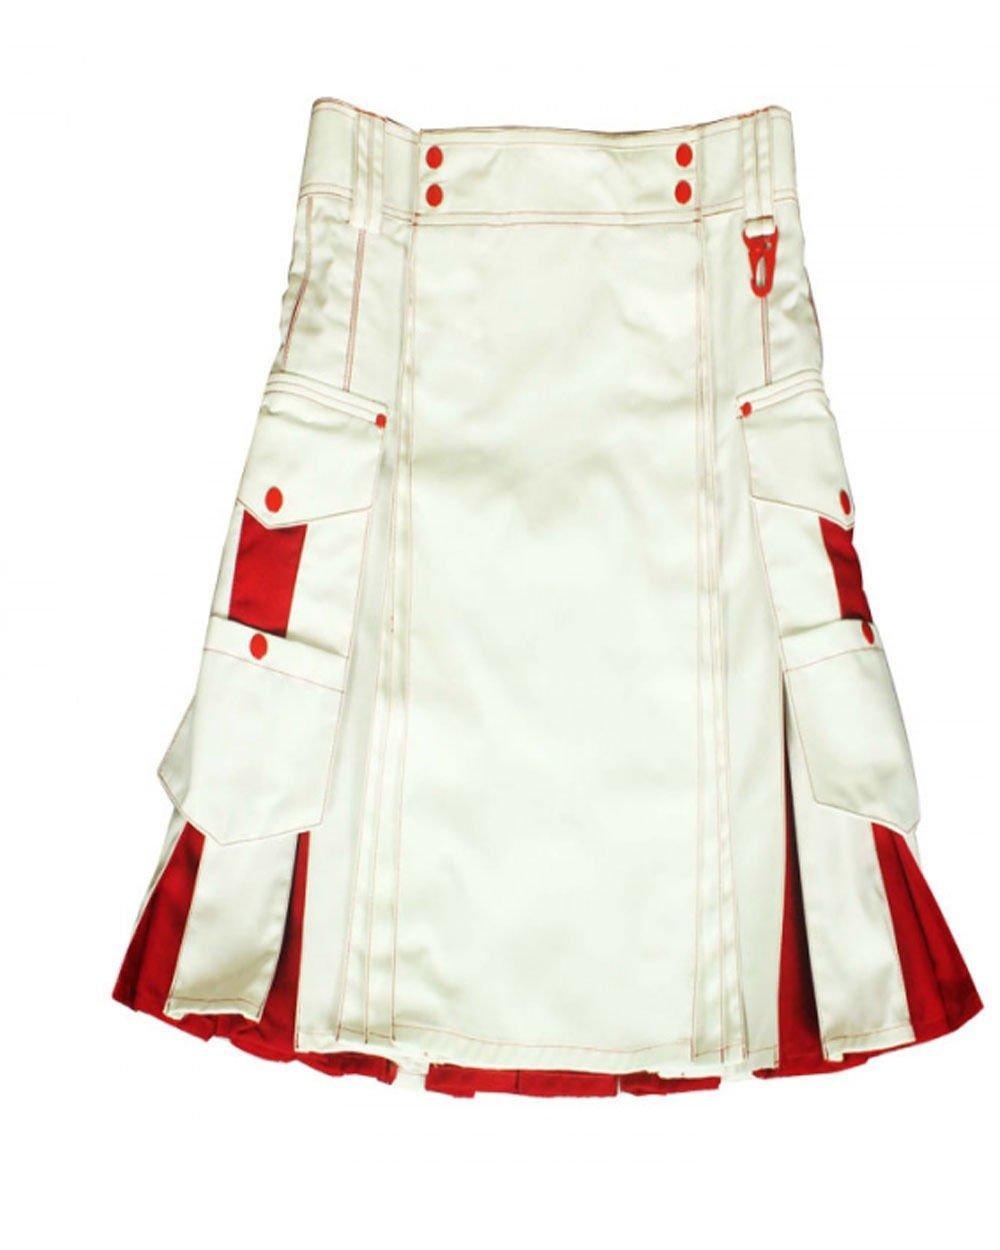 30 Size Handmade White & Red Cotton Kilt for Active Men, Hybrid Cotton Utility Deluxe Kilt